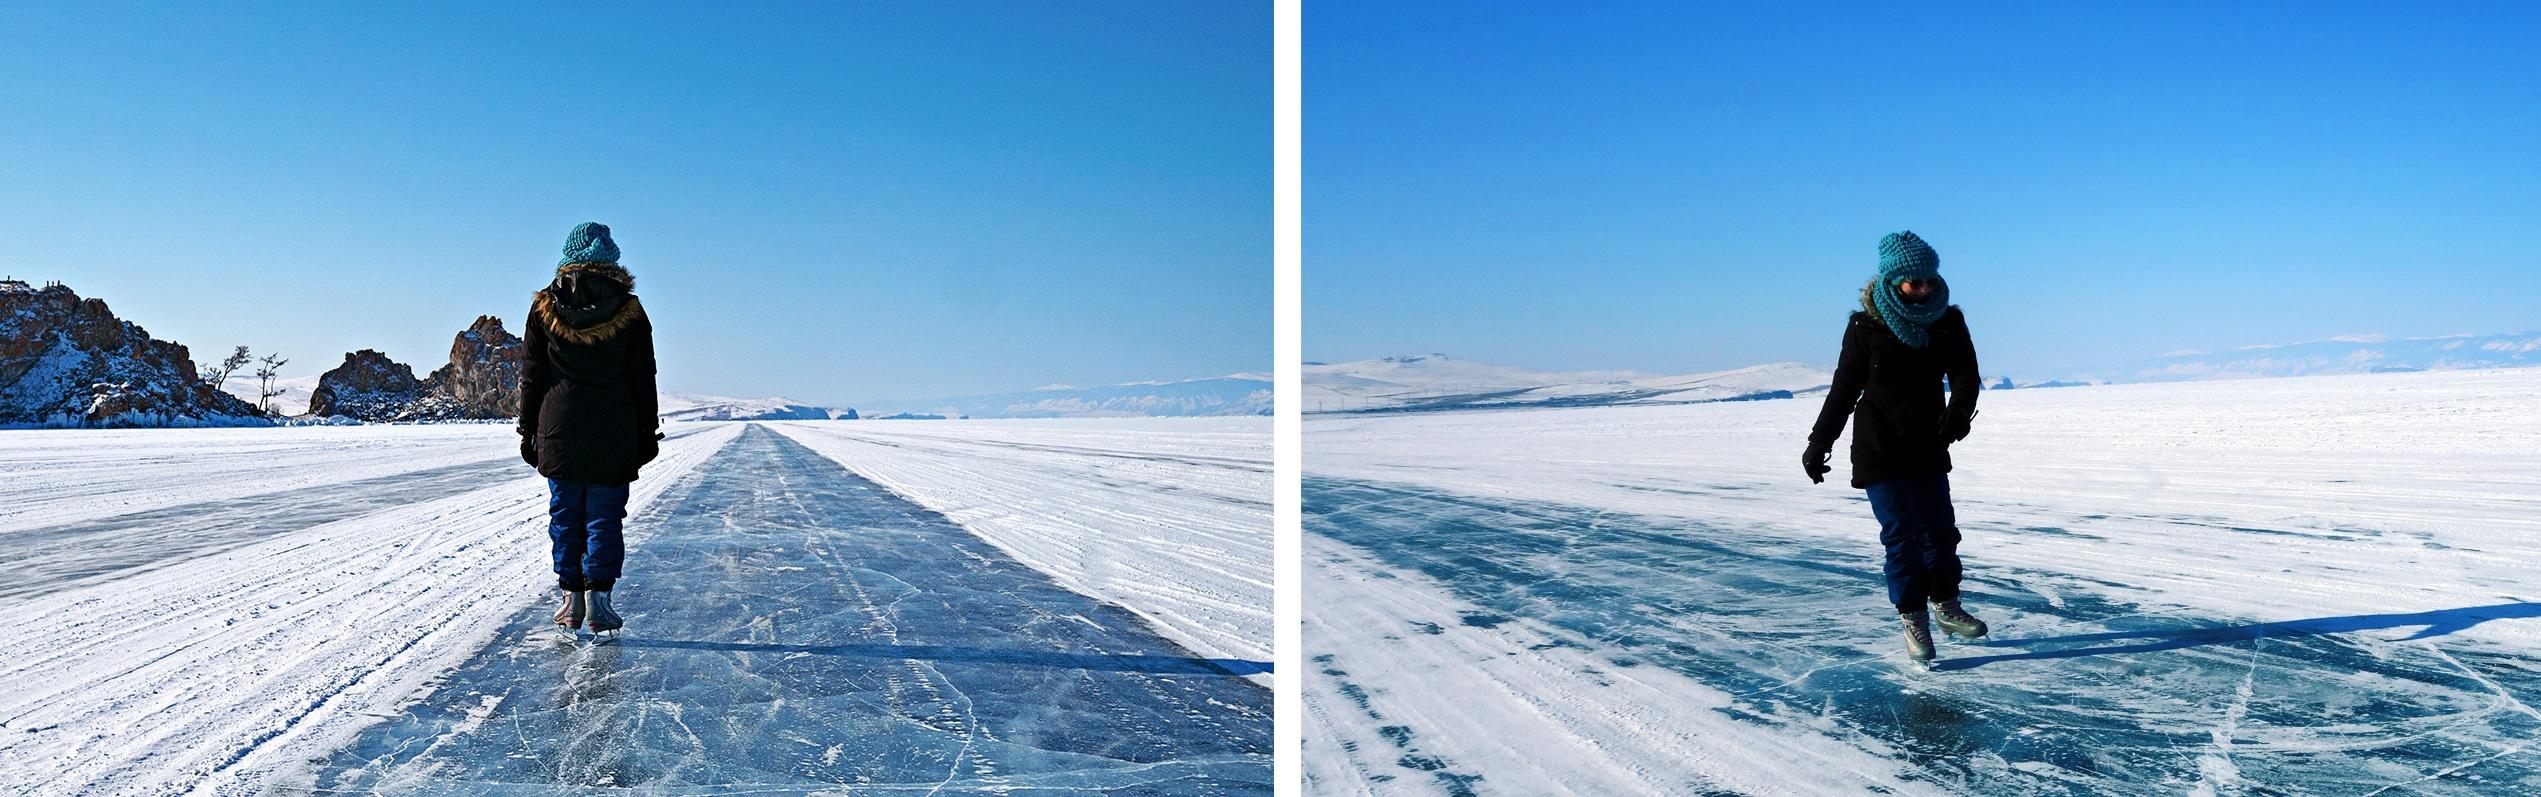 patins à glace neige lac Baïkal Sibérie